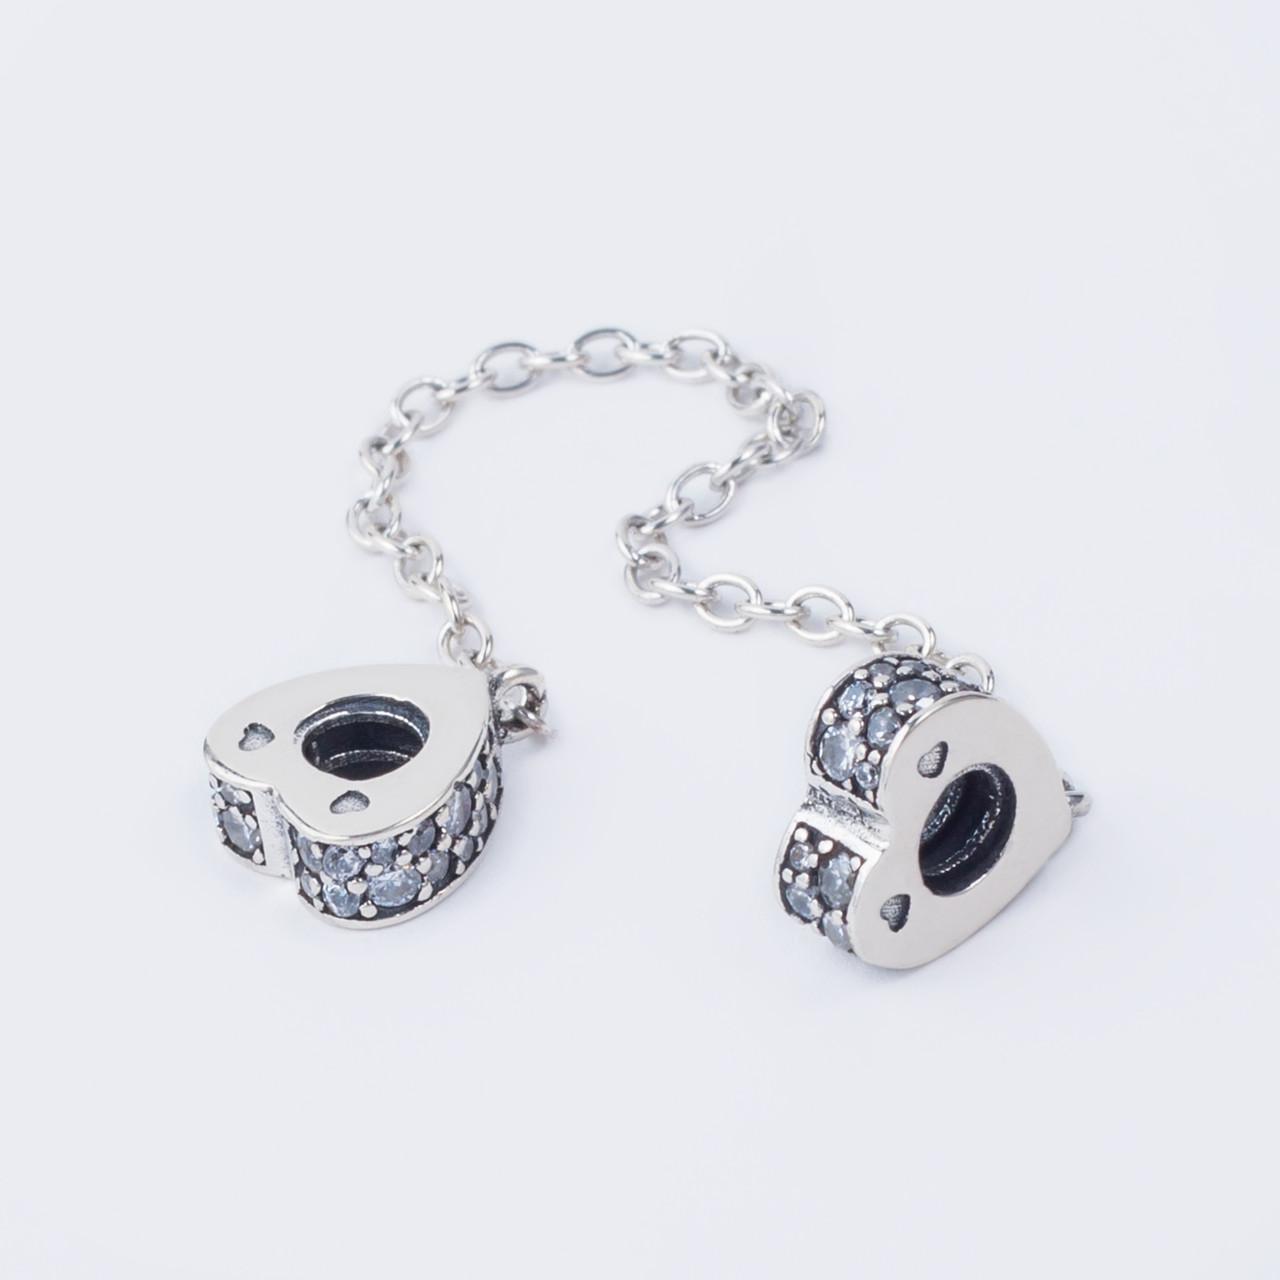 Серебряный шарм (стоппер) «Сердце» в стиле Pandora (Пандора) с камнями